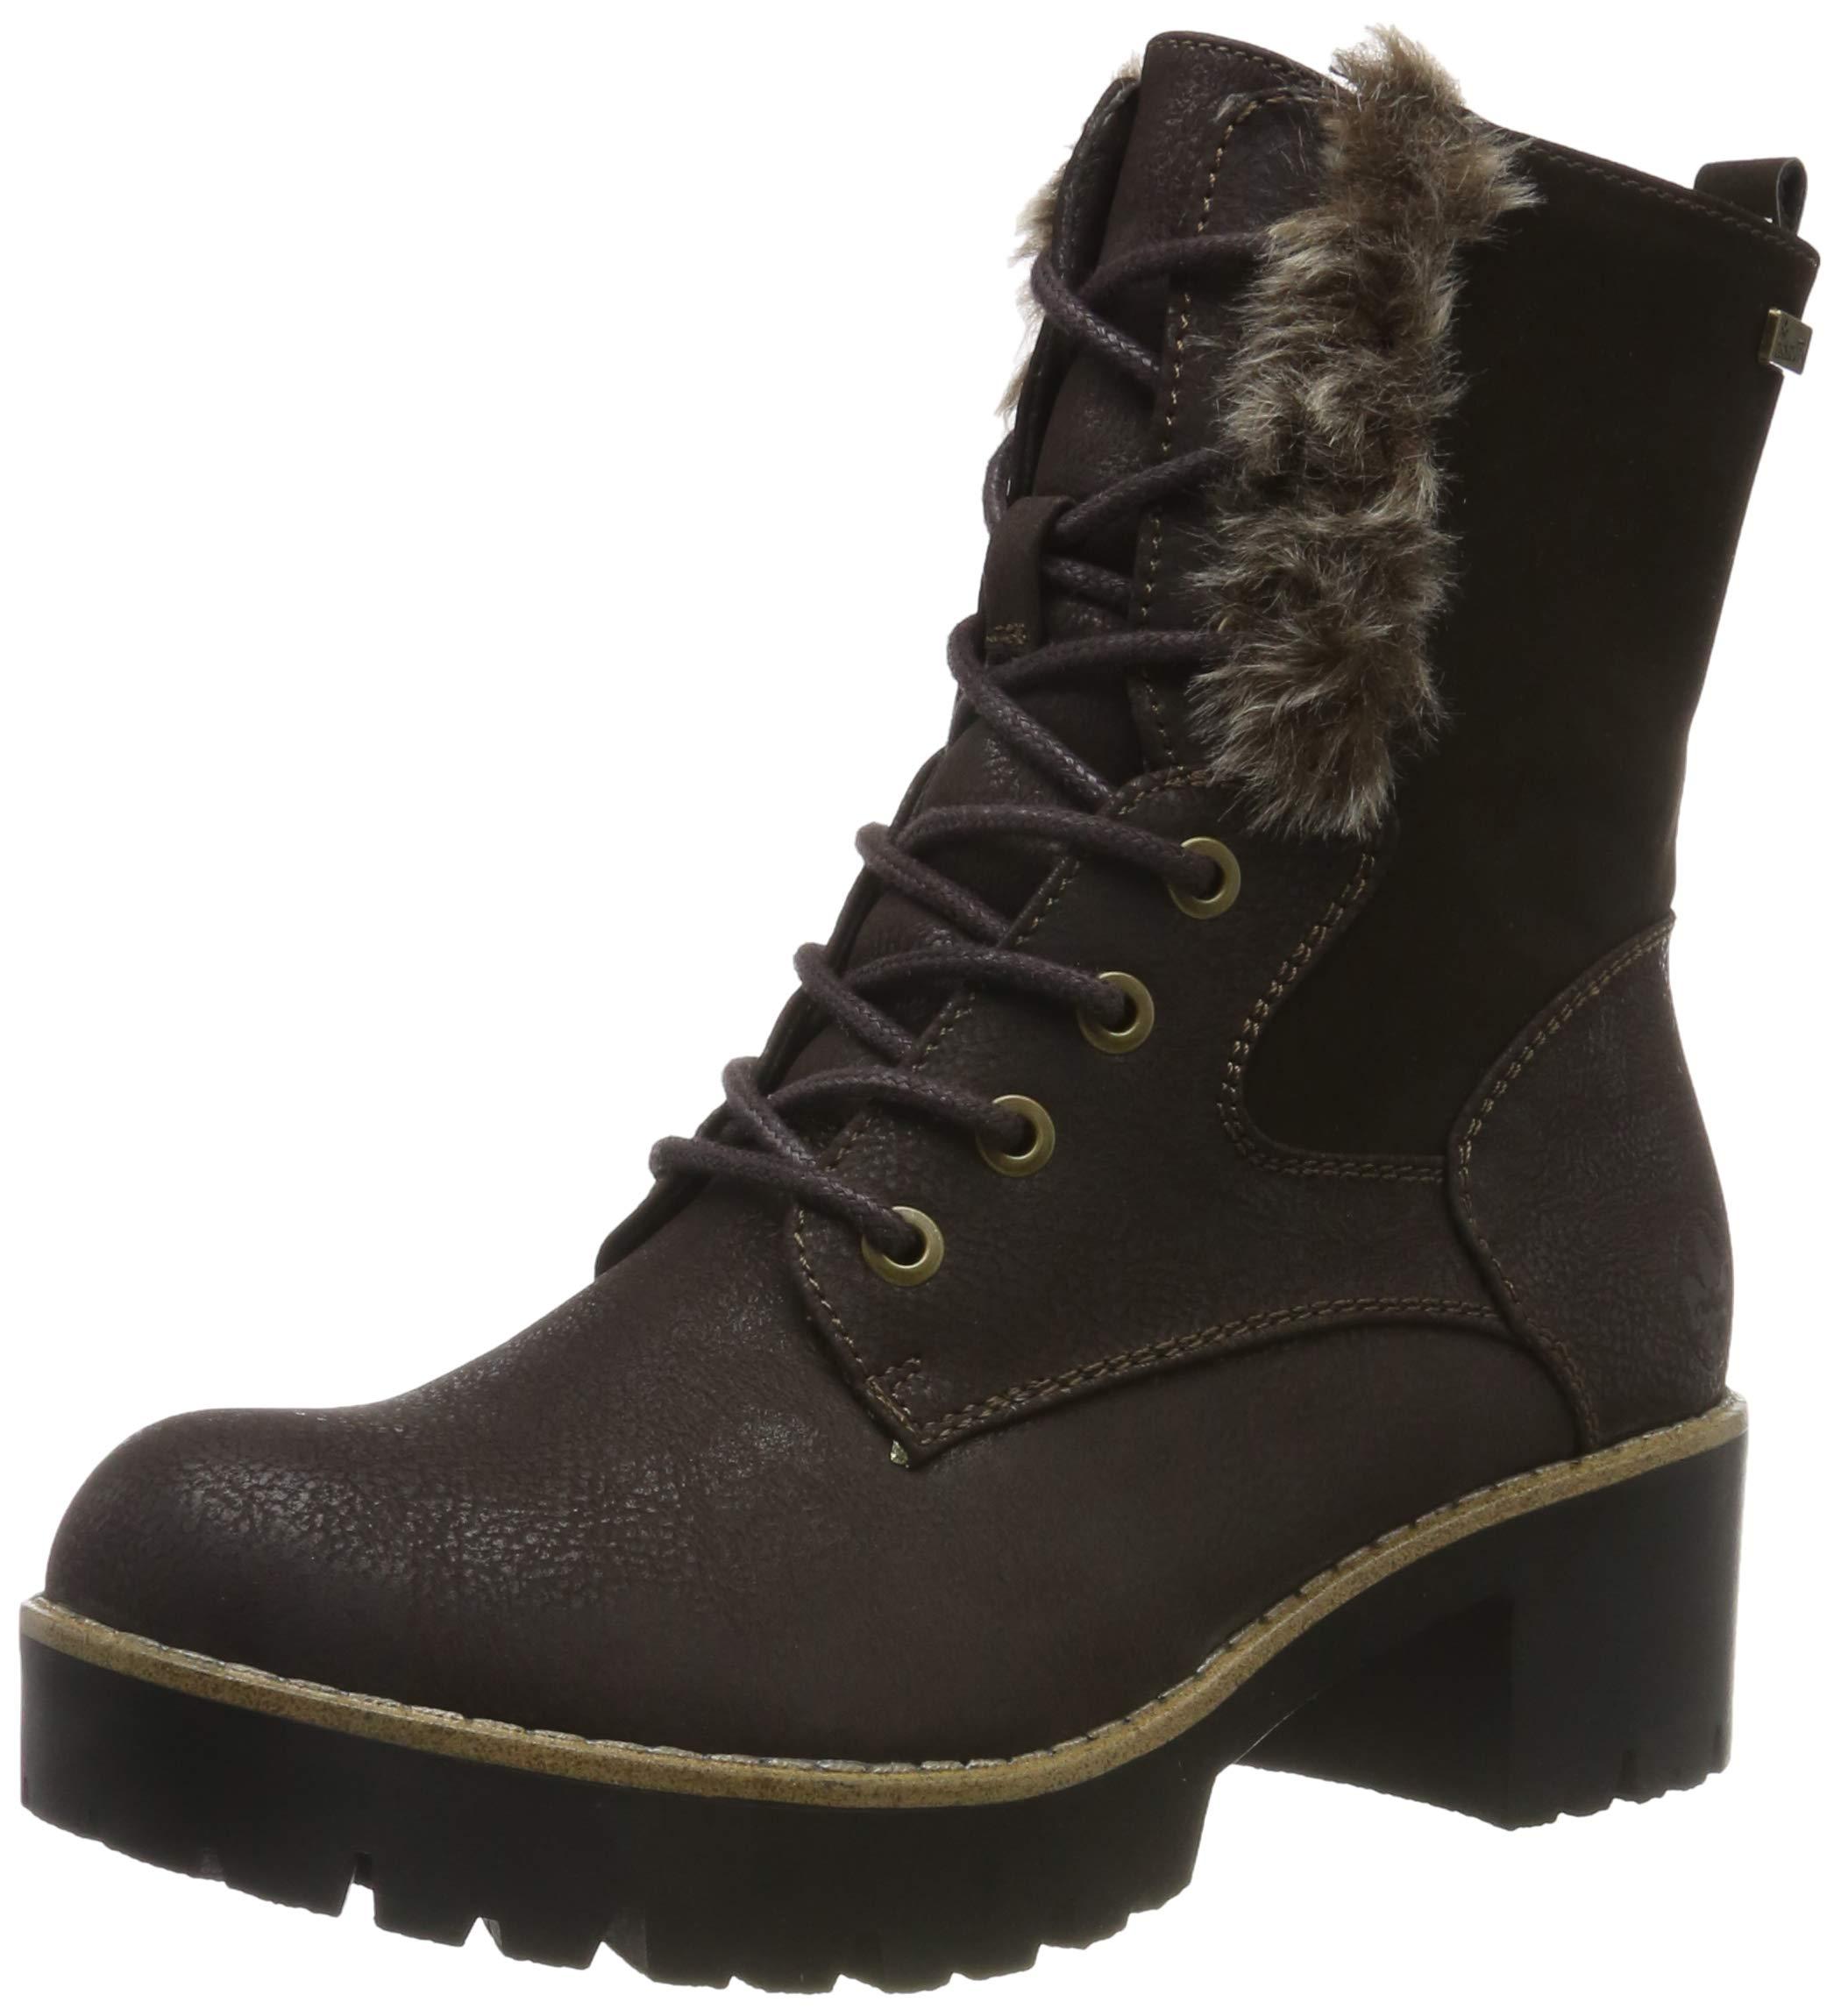 Rieker Women's Herbst/Winter Ankle Boots 8